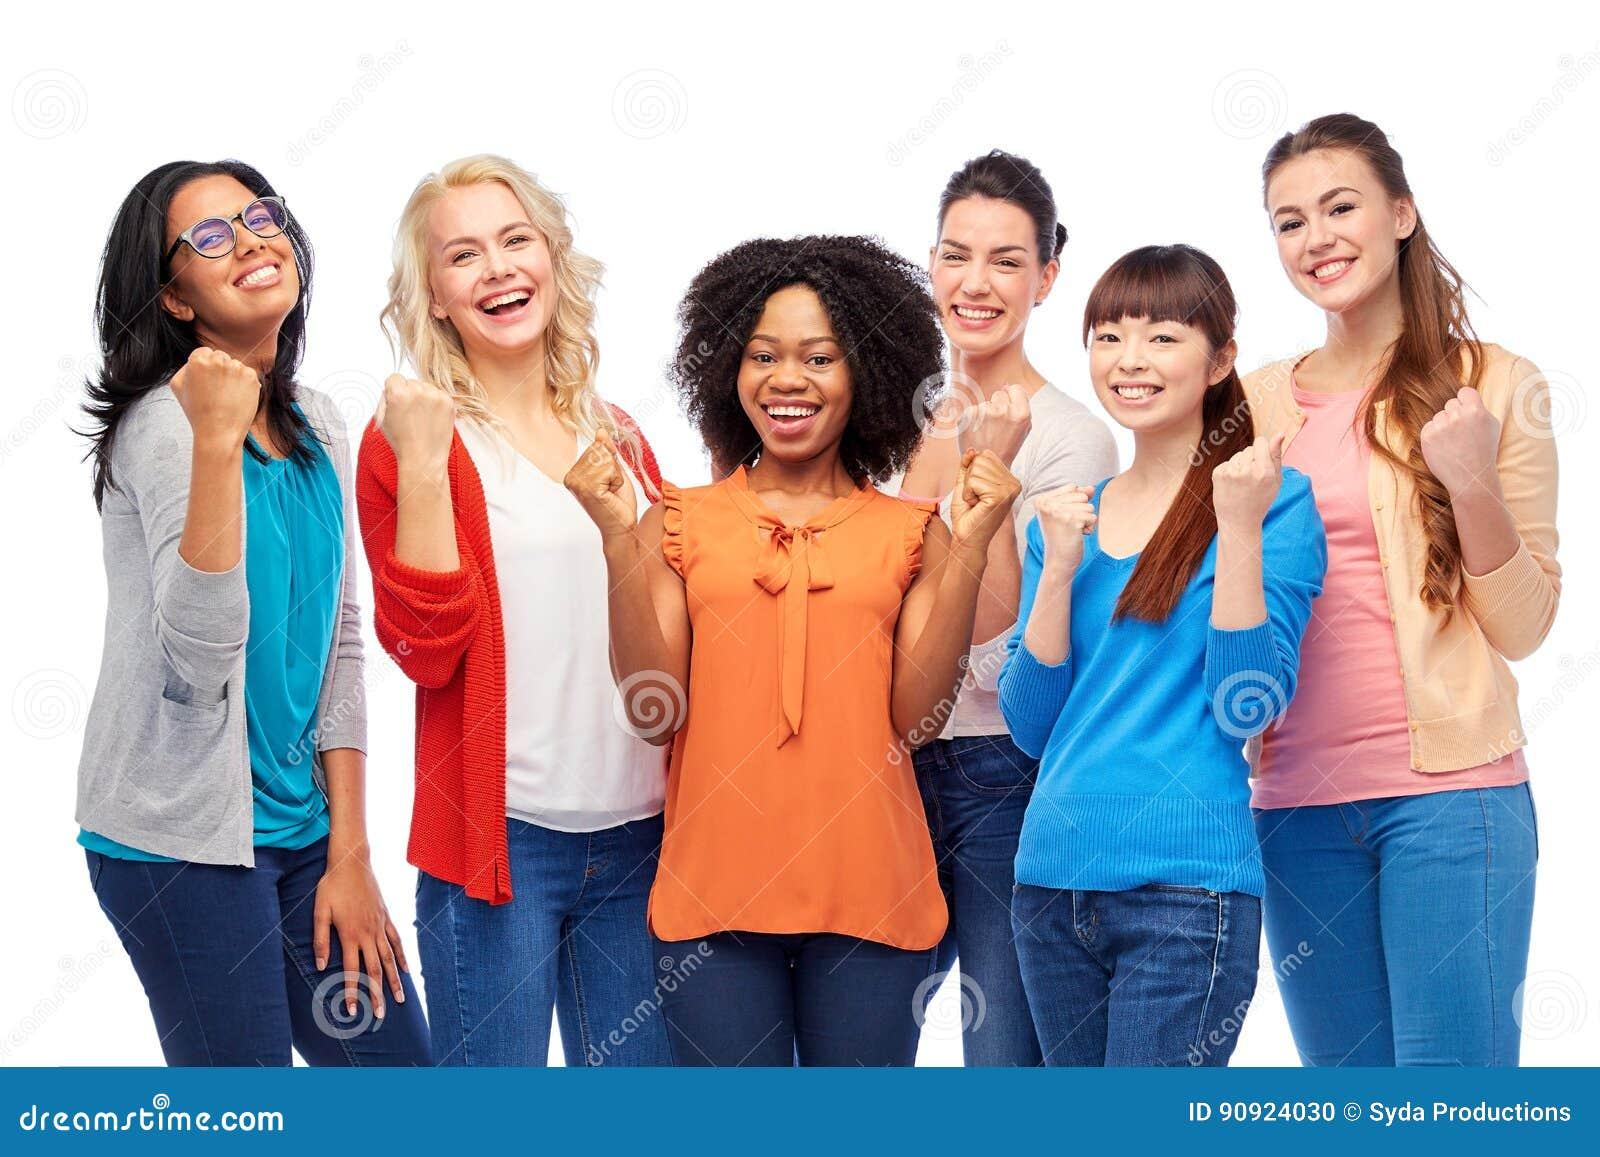 Grupo internacional de mujeres sonrientes felices